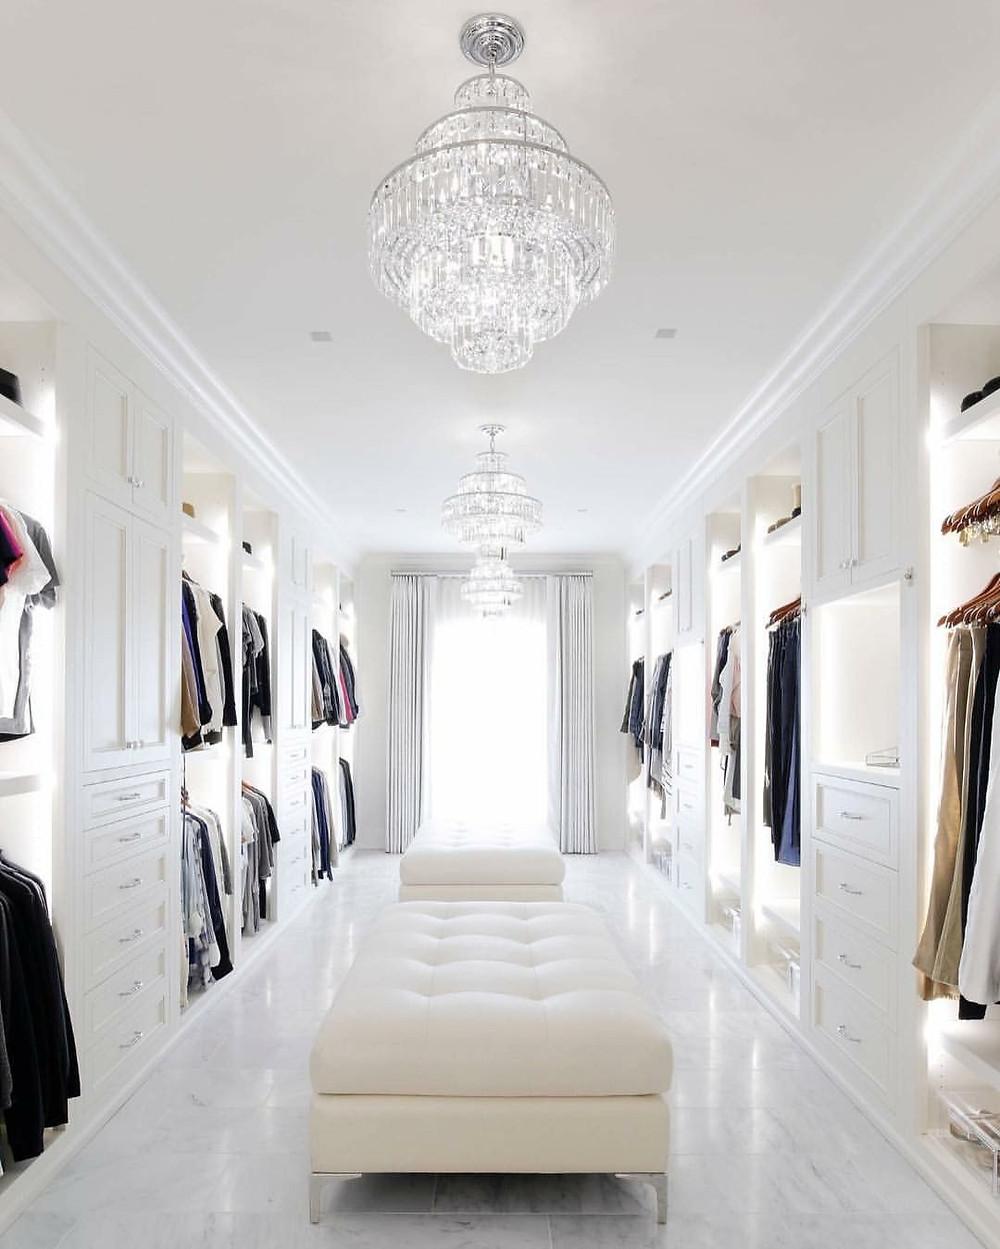 Valkoista vaatehuonetta koristaa keskellä kaksi kattokruunua sekä nahkaiset rahit, joissa voi istua pukeutuessaan.